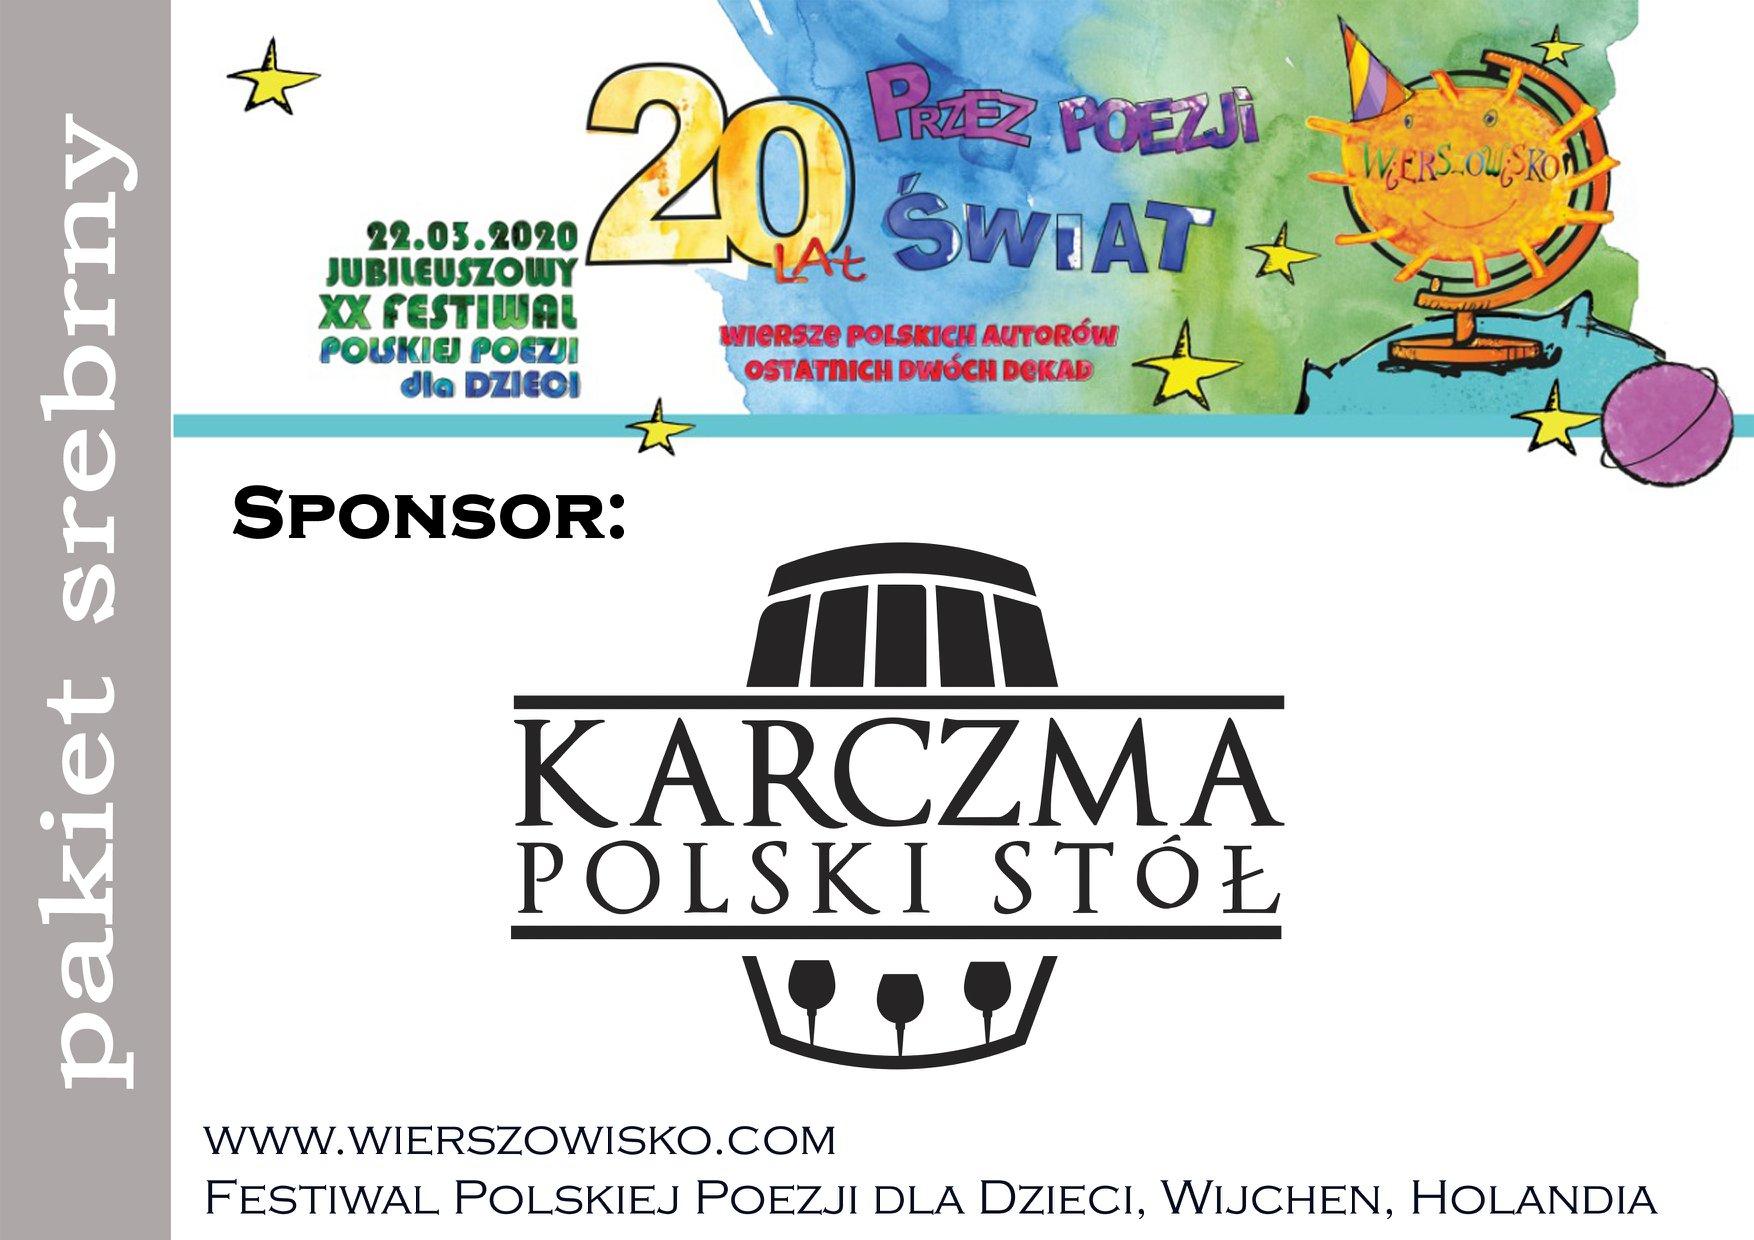 Karczma Polski Stół